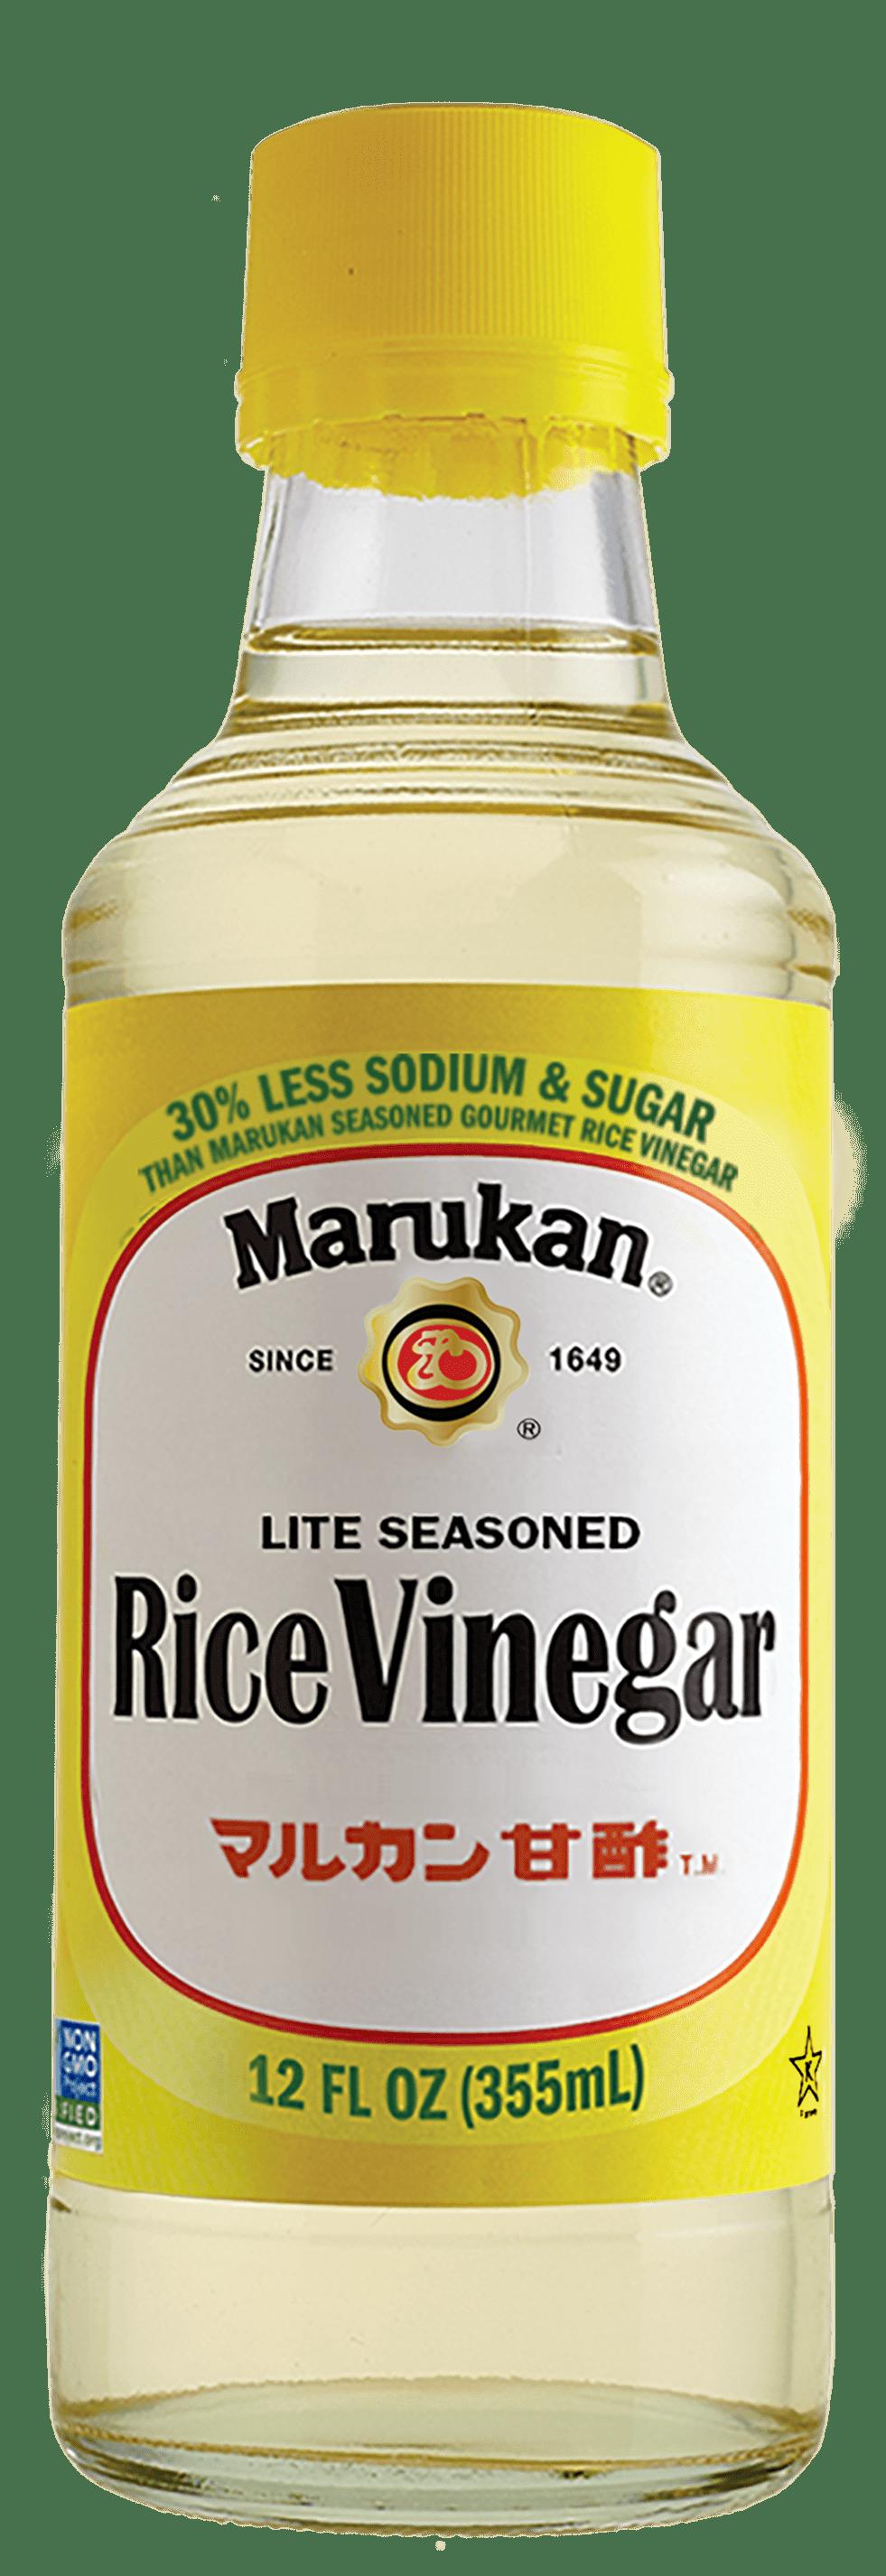 Lite Seasoned Rice Vinegar